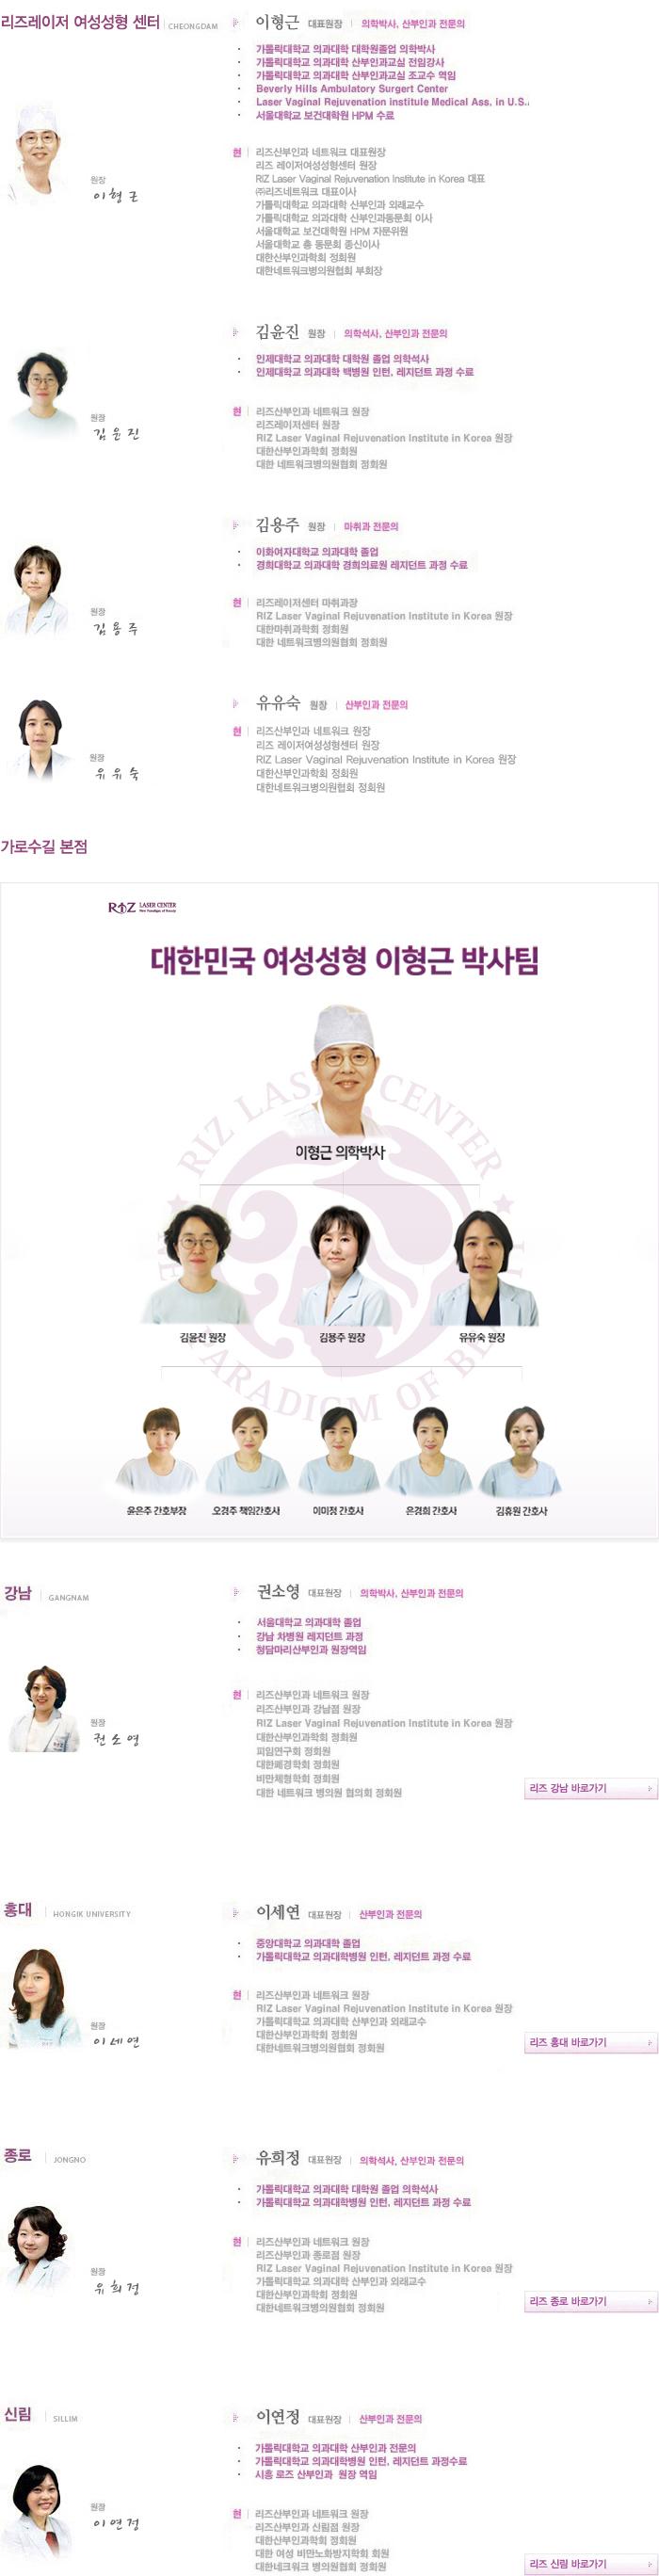 리즈산부인과 네트워크 - 여성검진, 피임, 성병 ... Doctor